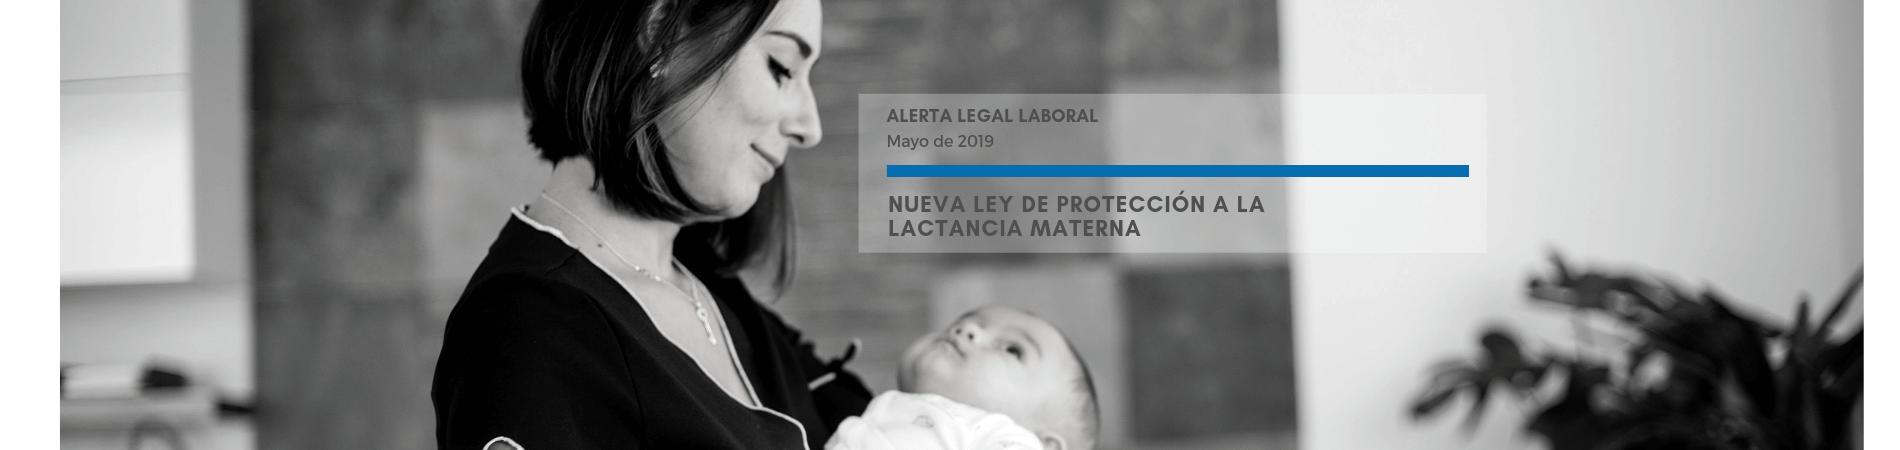 Alerta Legal Laboral | Nueva Ley de Protección a la Lactancia Materna